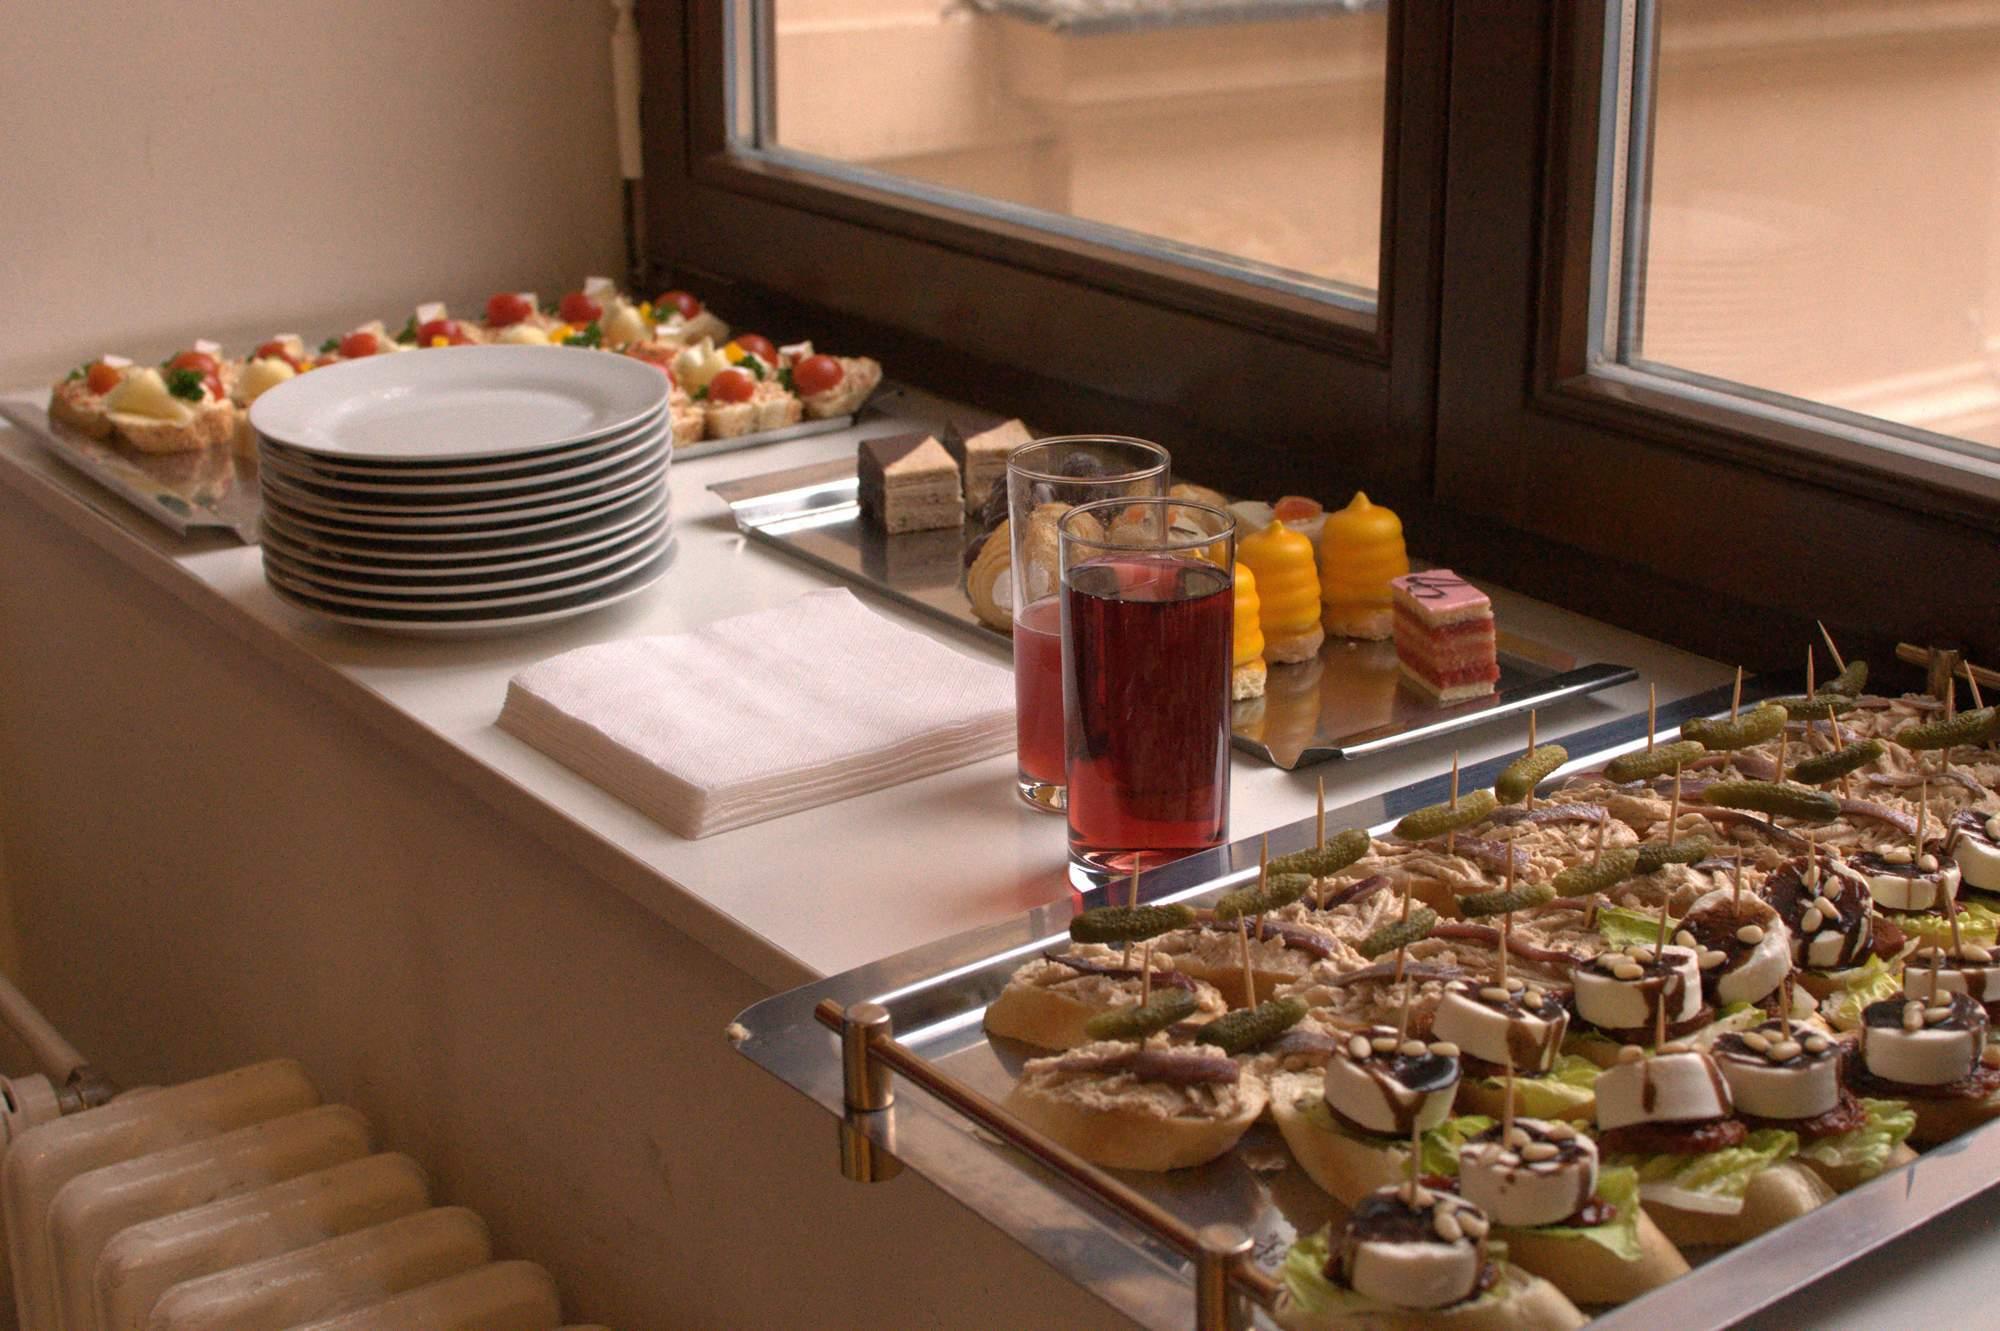 Pracovníci Centra připravili pro návštěvníky občerstvení. Foto: Michaela Nárožná